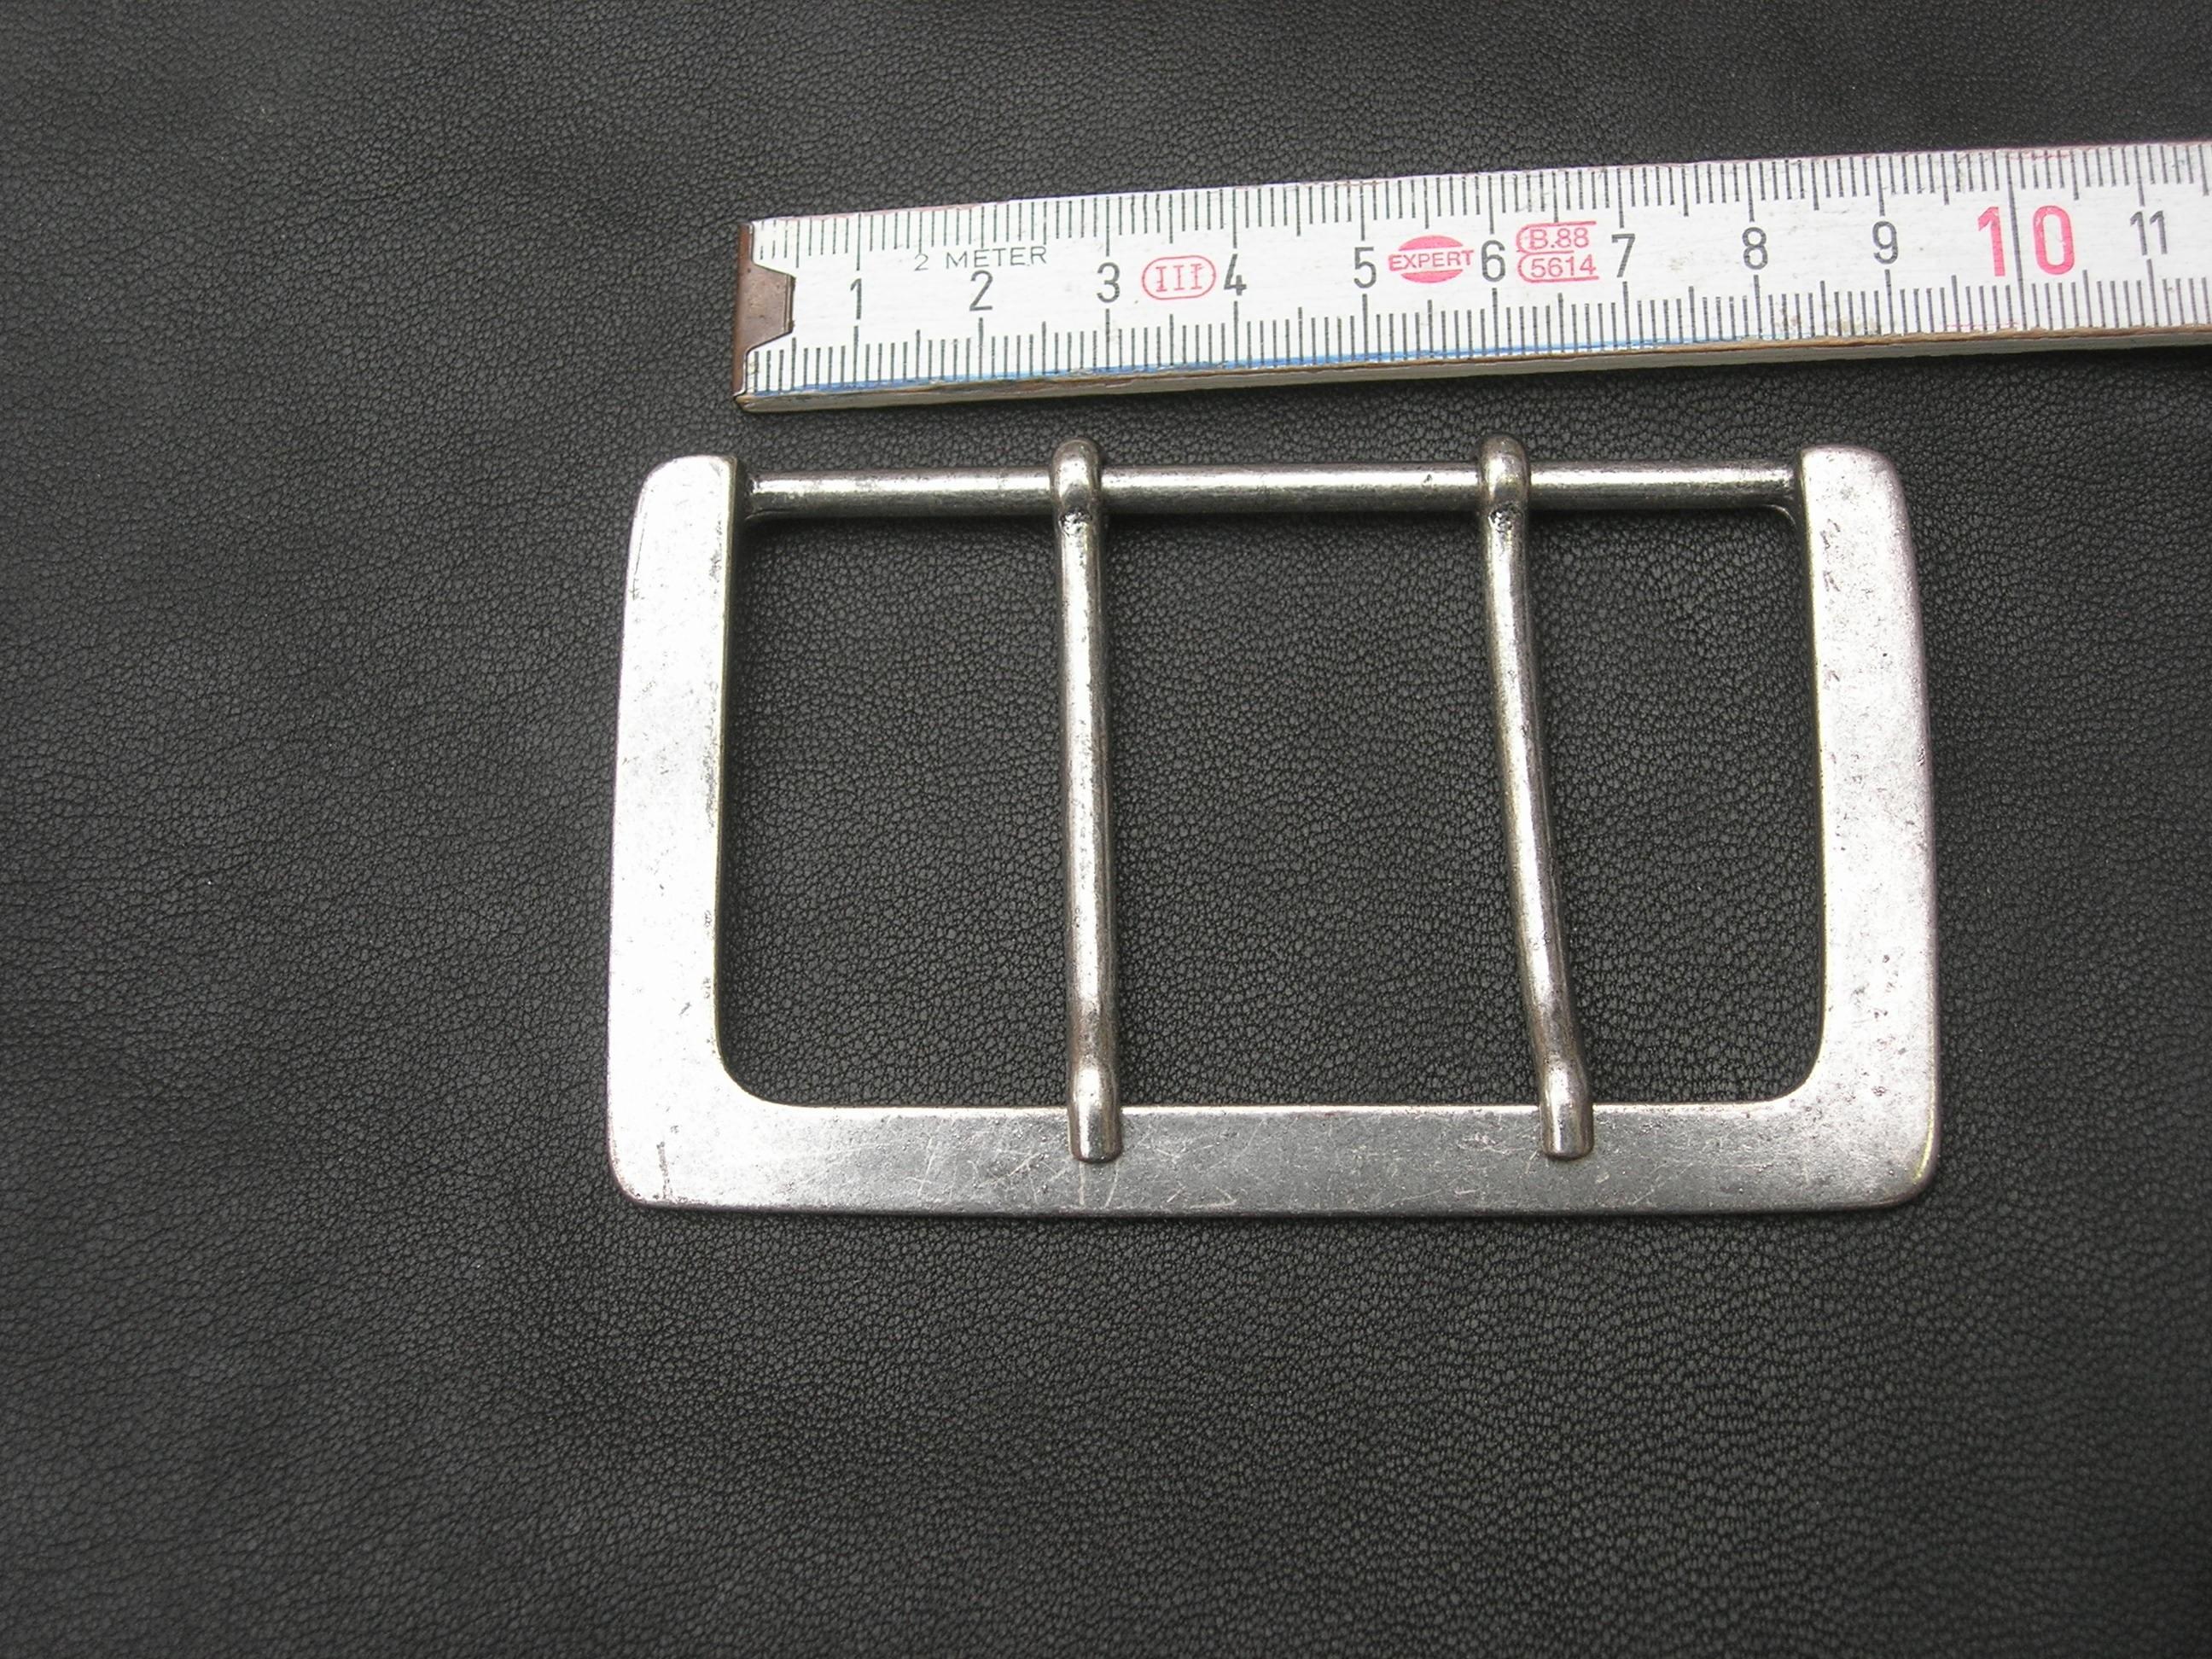 Halbschnalle 8,0 cm alteisen (BZ09AE)